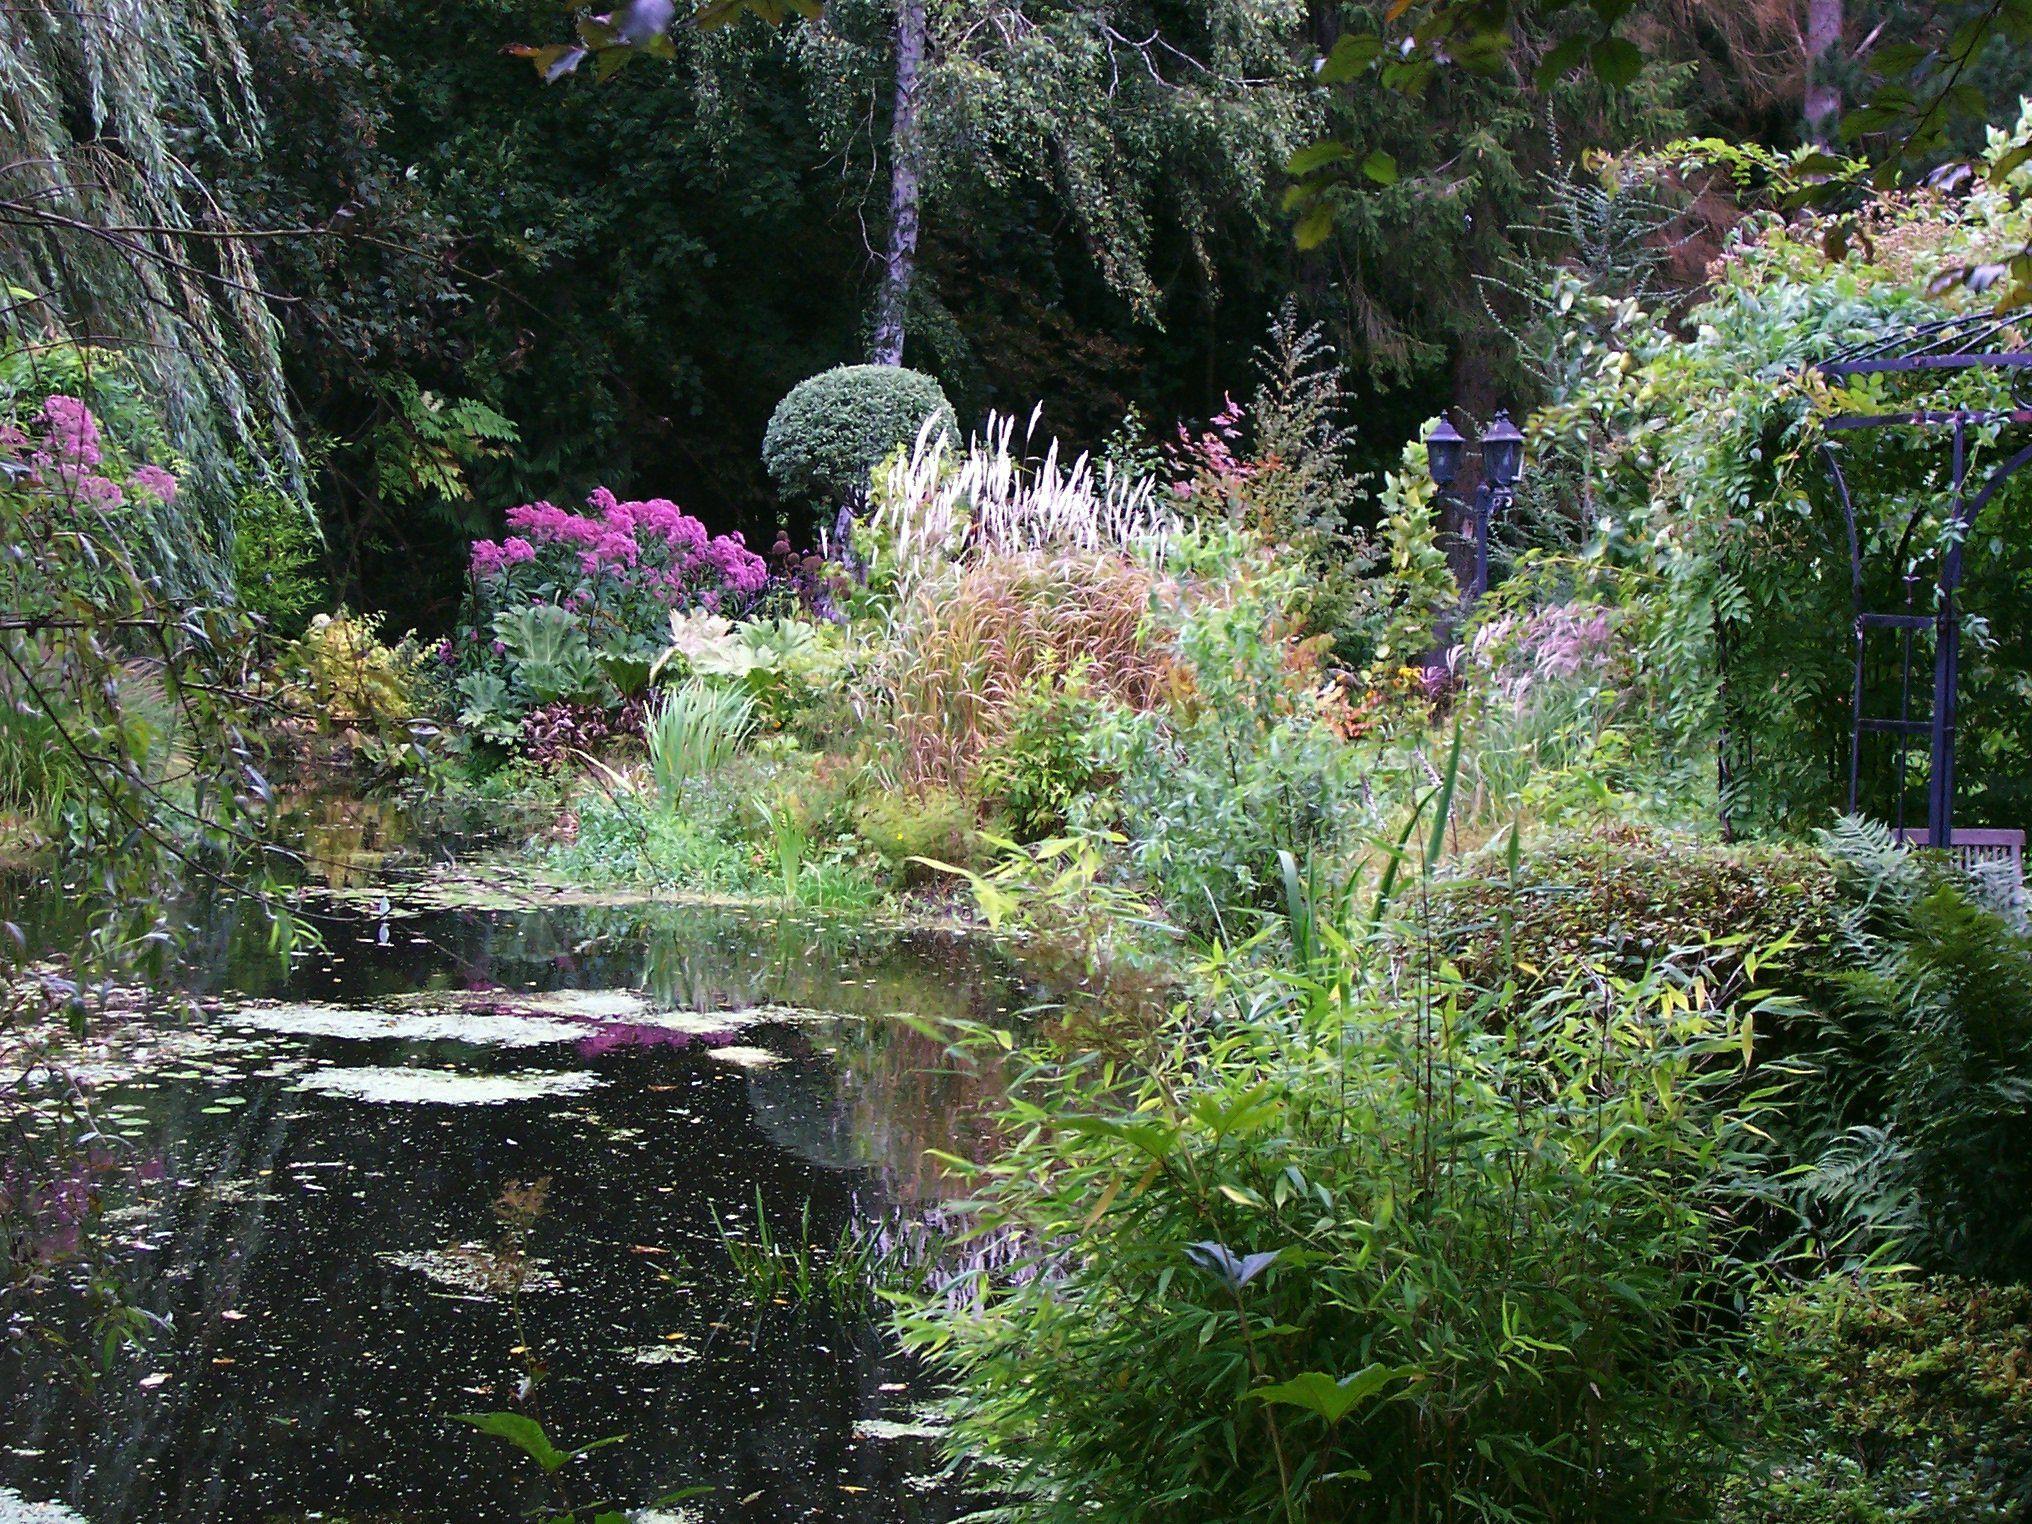 Gartengestaltung Romantisch - Google Search | сад | Pinterest ... Ein Romantischer Garten